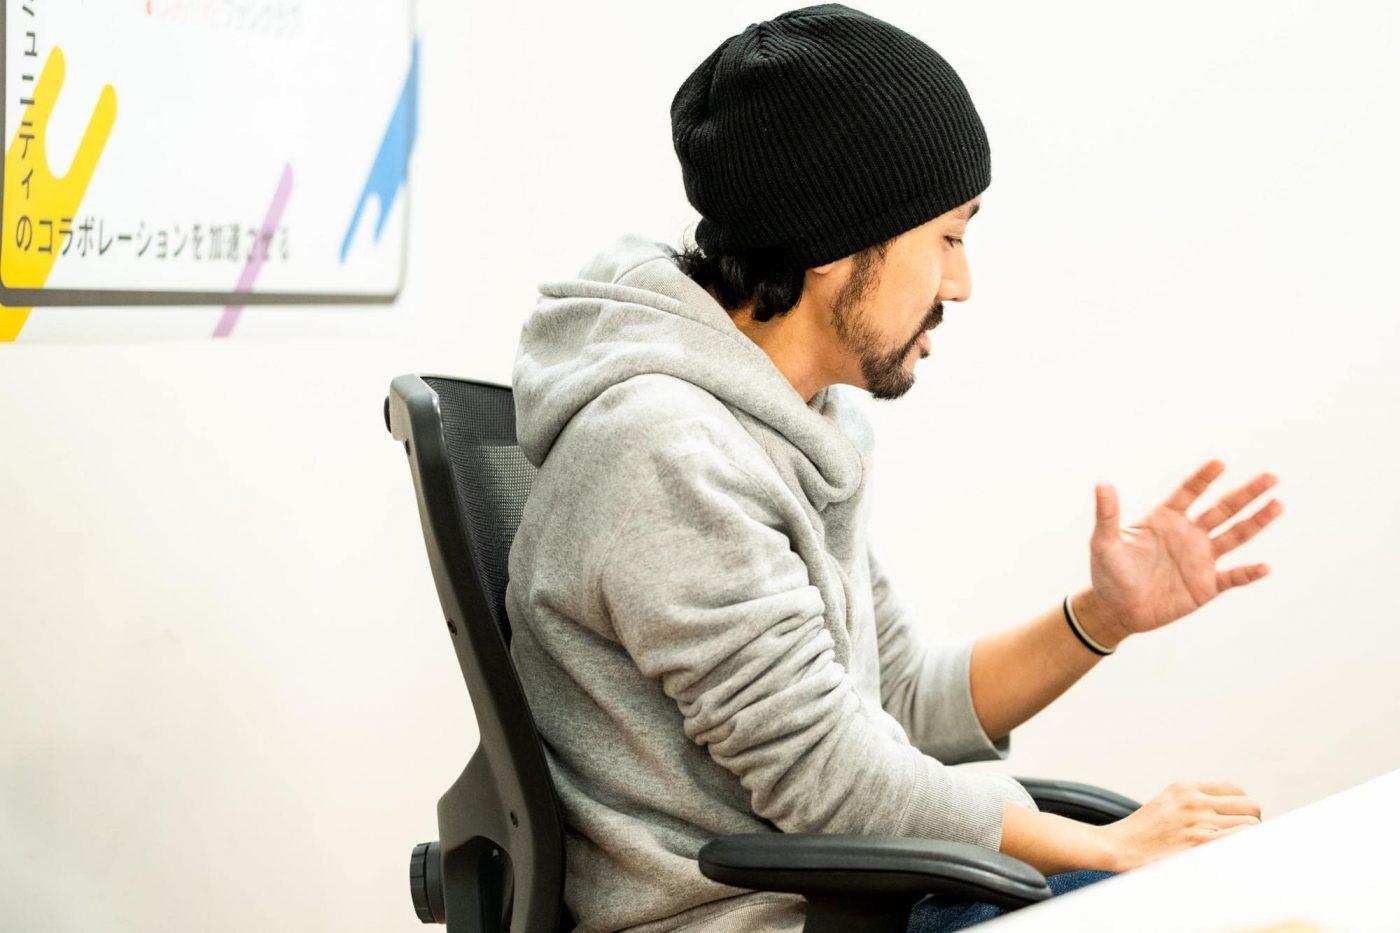 起業家が成功するための秘訣は、ひとつだと思っていて、それが「死なない」ことなんですよ。ピボットしてもいいし、社員がゼロになってもいい。それでも死なずにバットを振り続けていることが一番大切。